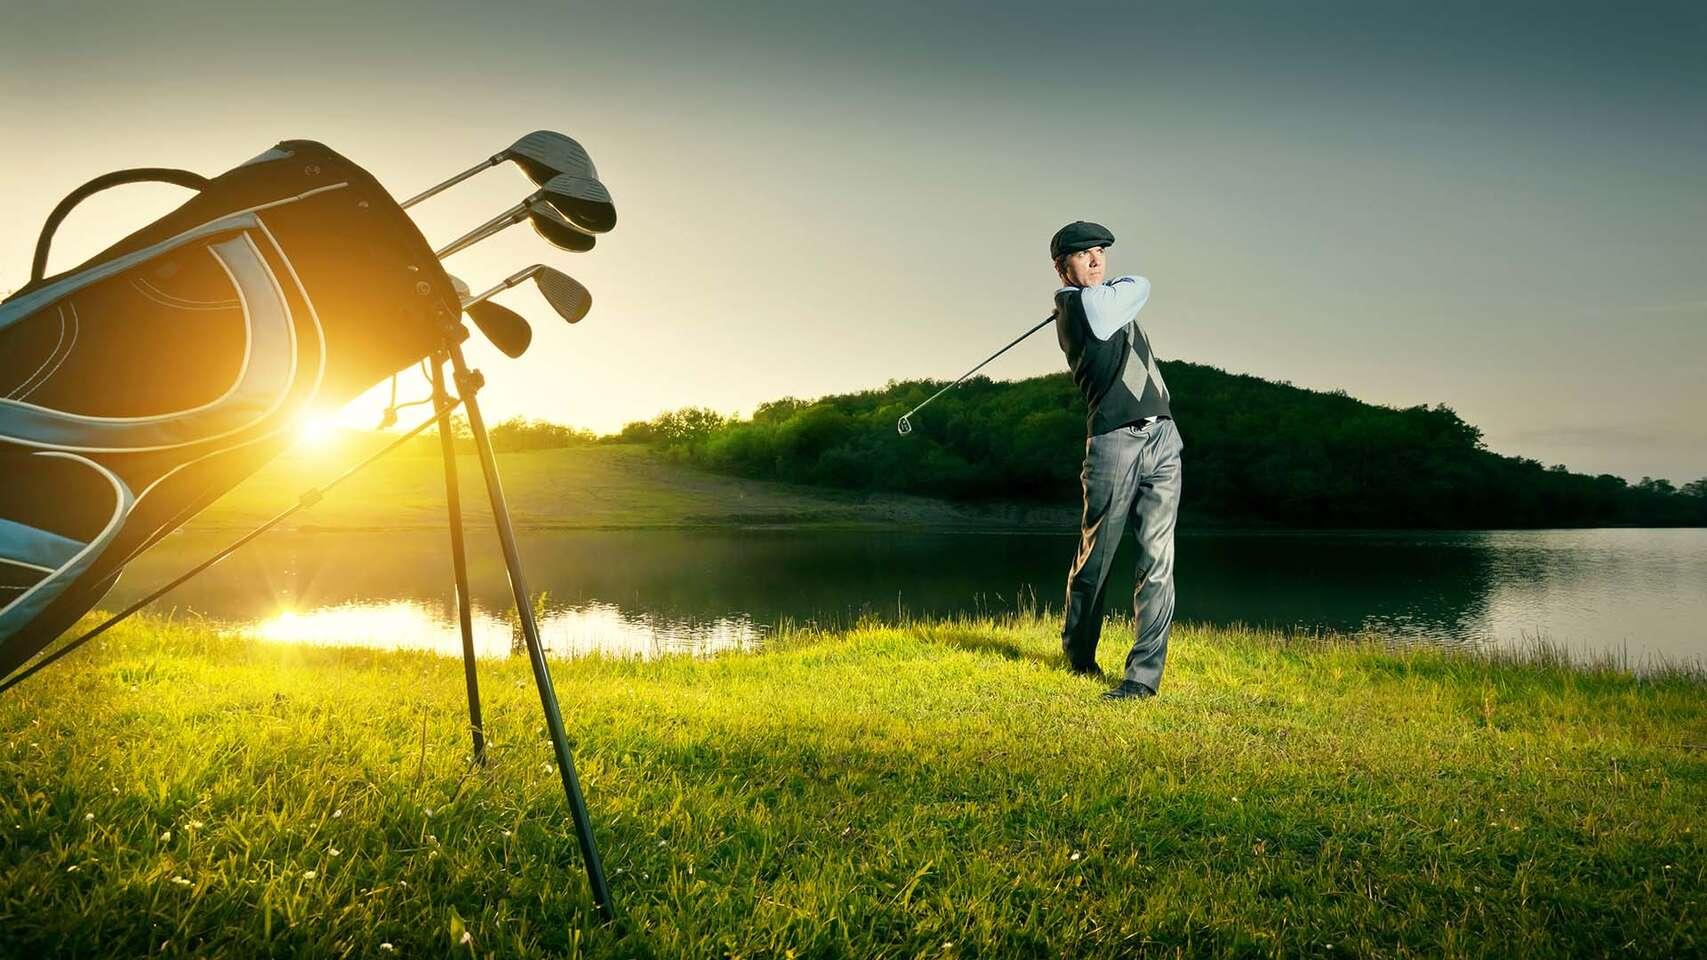 ŠPECIÁLNA NARODENINOVÁ PONUKA: Intenzívny golfový kurz pre získanie HCP a povolenia ku hre s TOP trénerom a PGA Golf Professional Karolom Balnom – nové termíny 2022